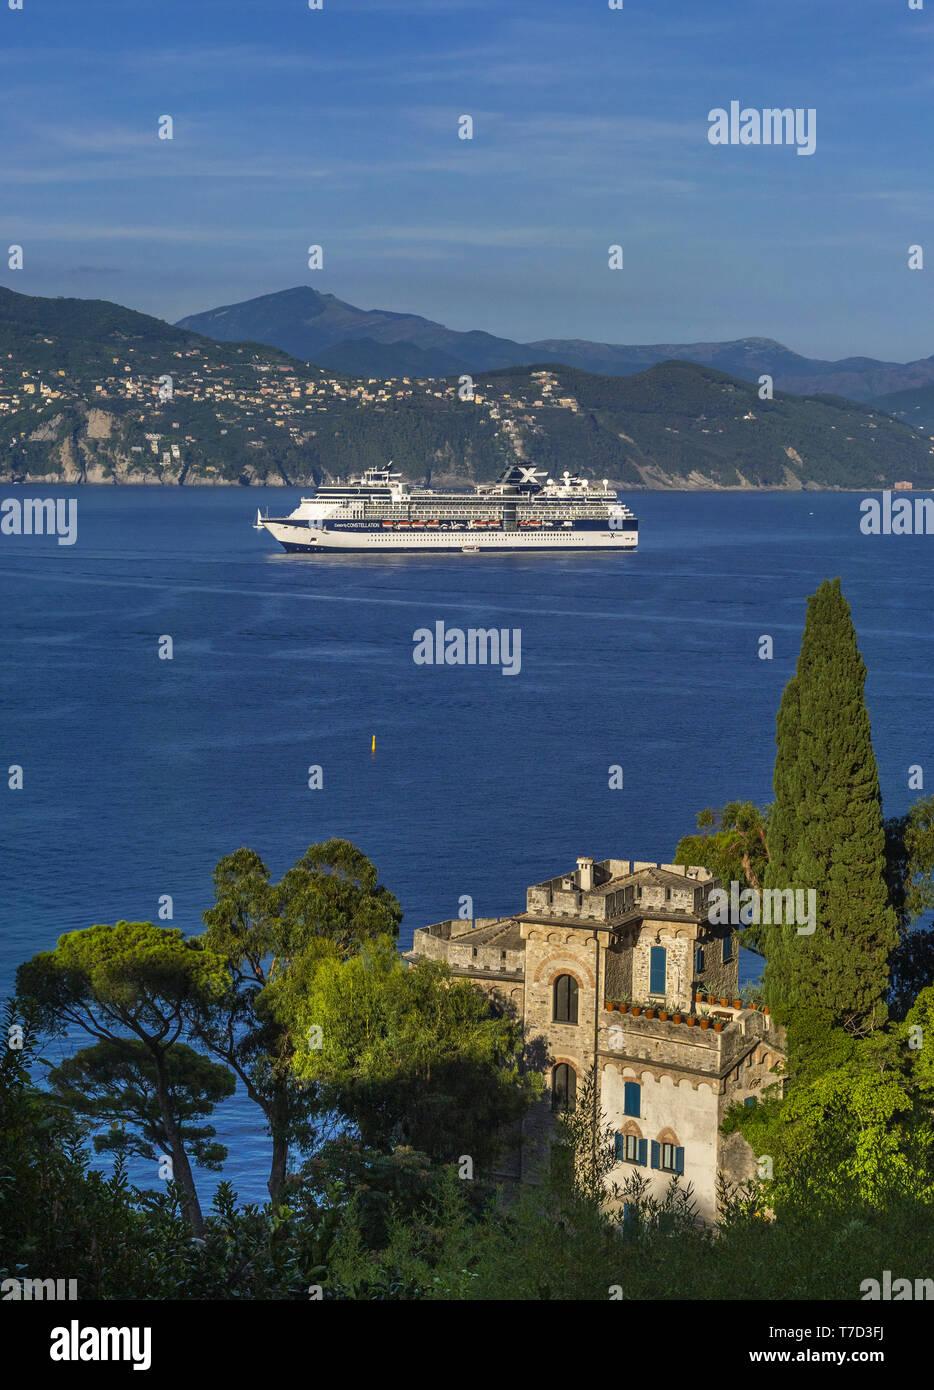 Nave da crociera e Castello Brown, Portofino, Italia Foto Stock